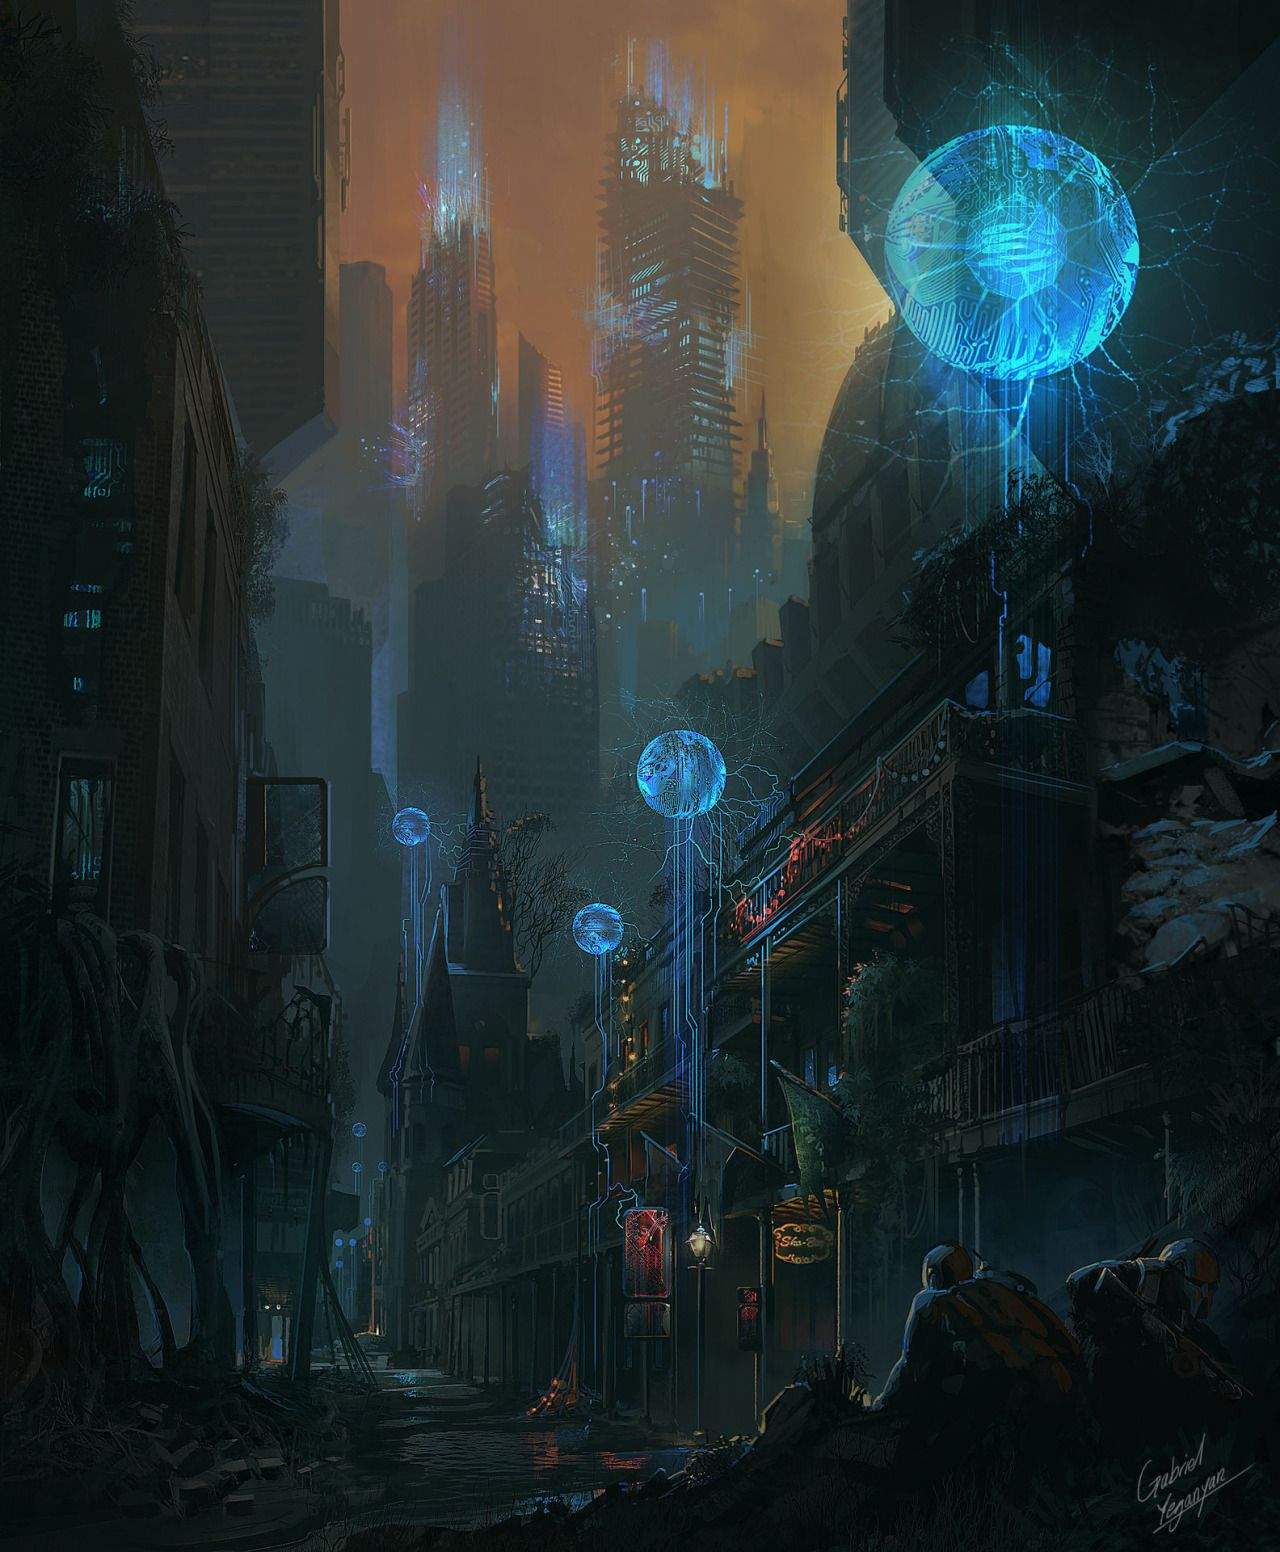 Cyberpunk Artworks - Art Environment Concept